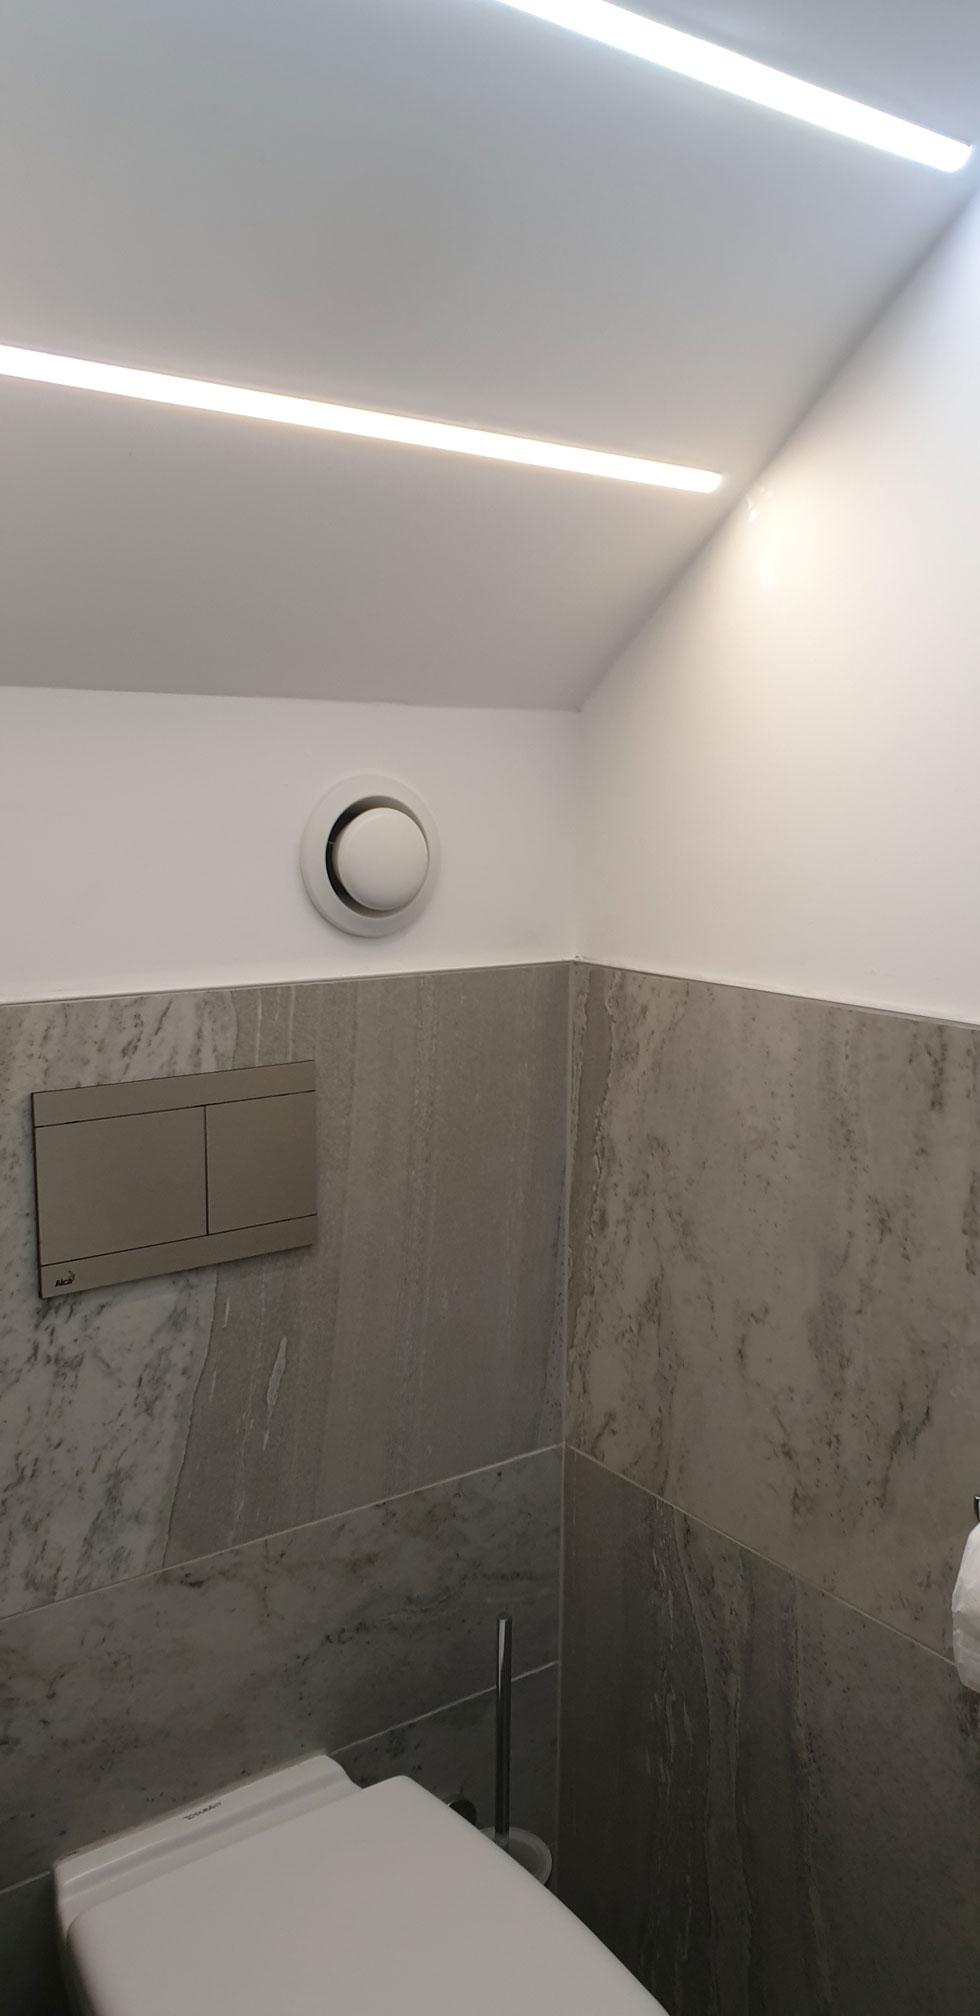 Ireland toilet alp-003